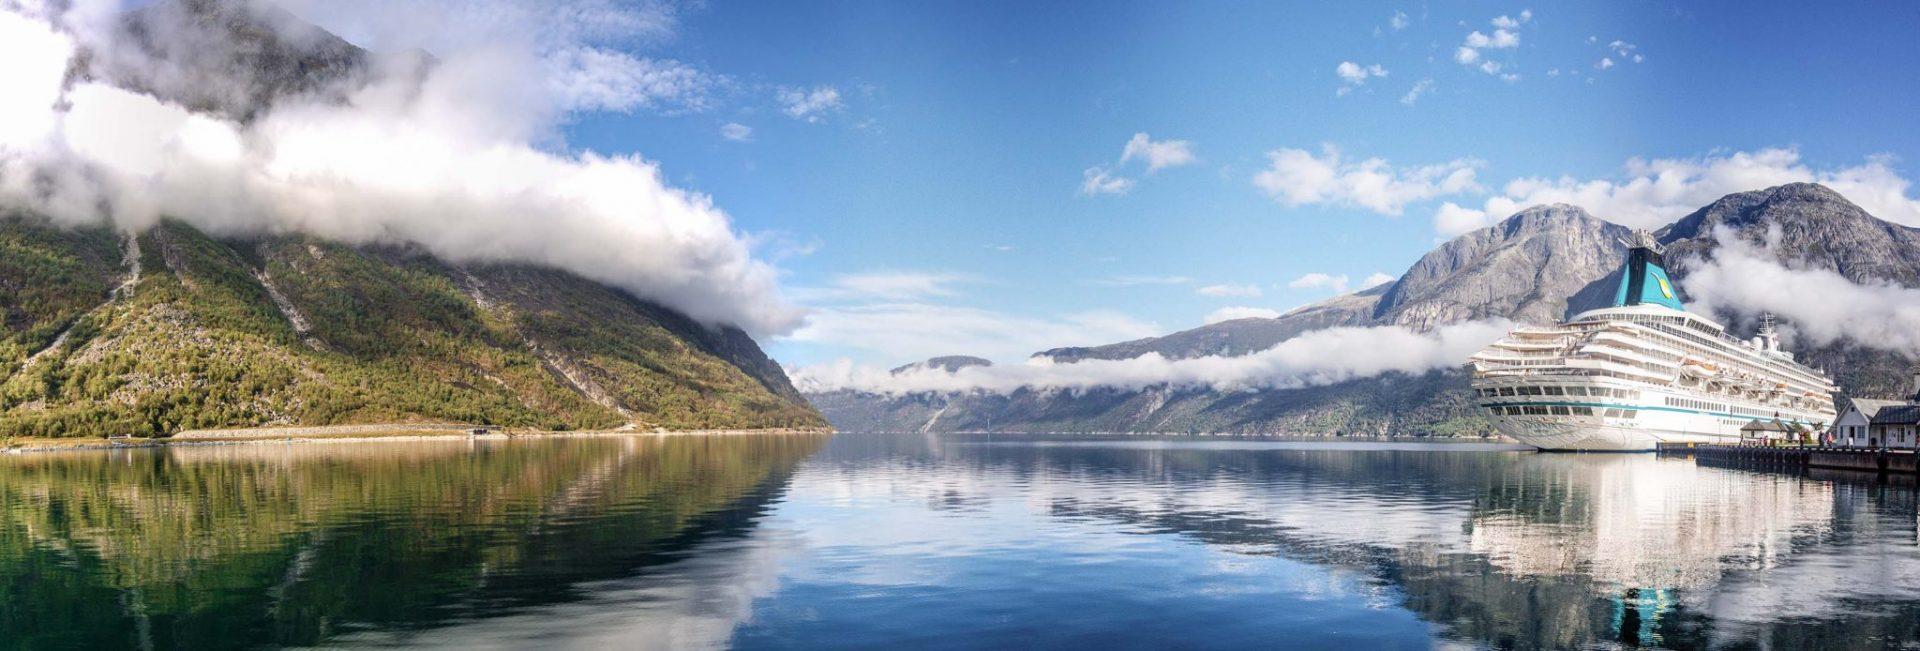 fiords noruegs viatges mestres